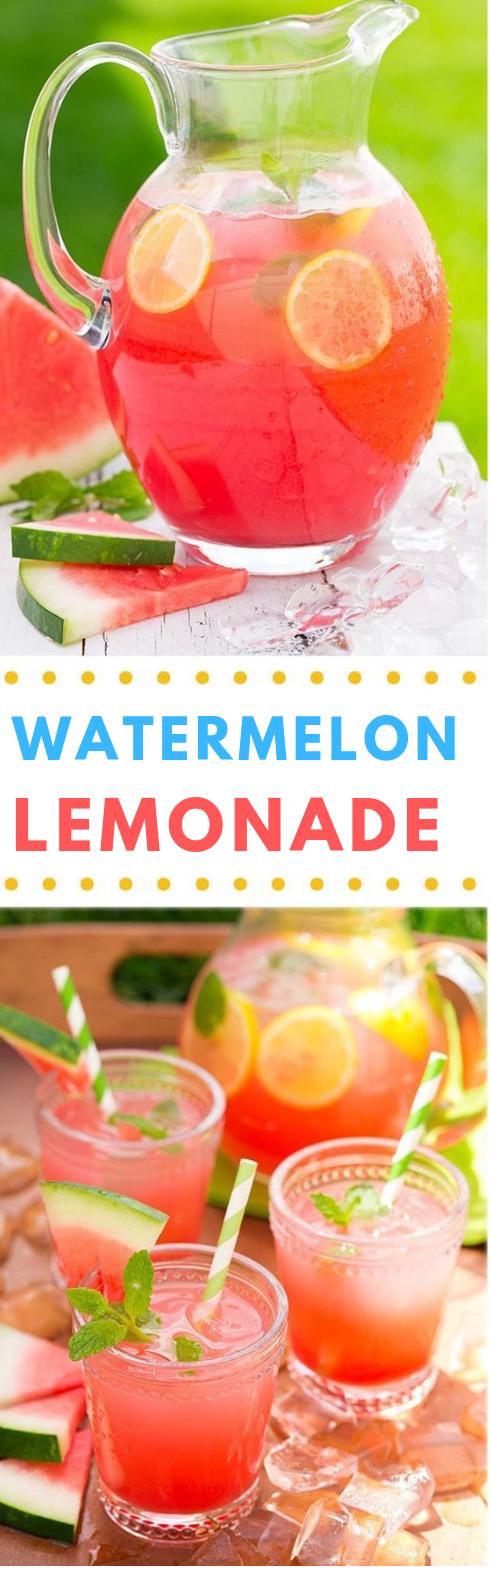 Watermelon Lemonade #lemonade #healthydrink